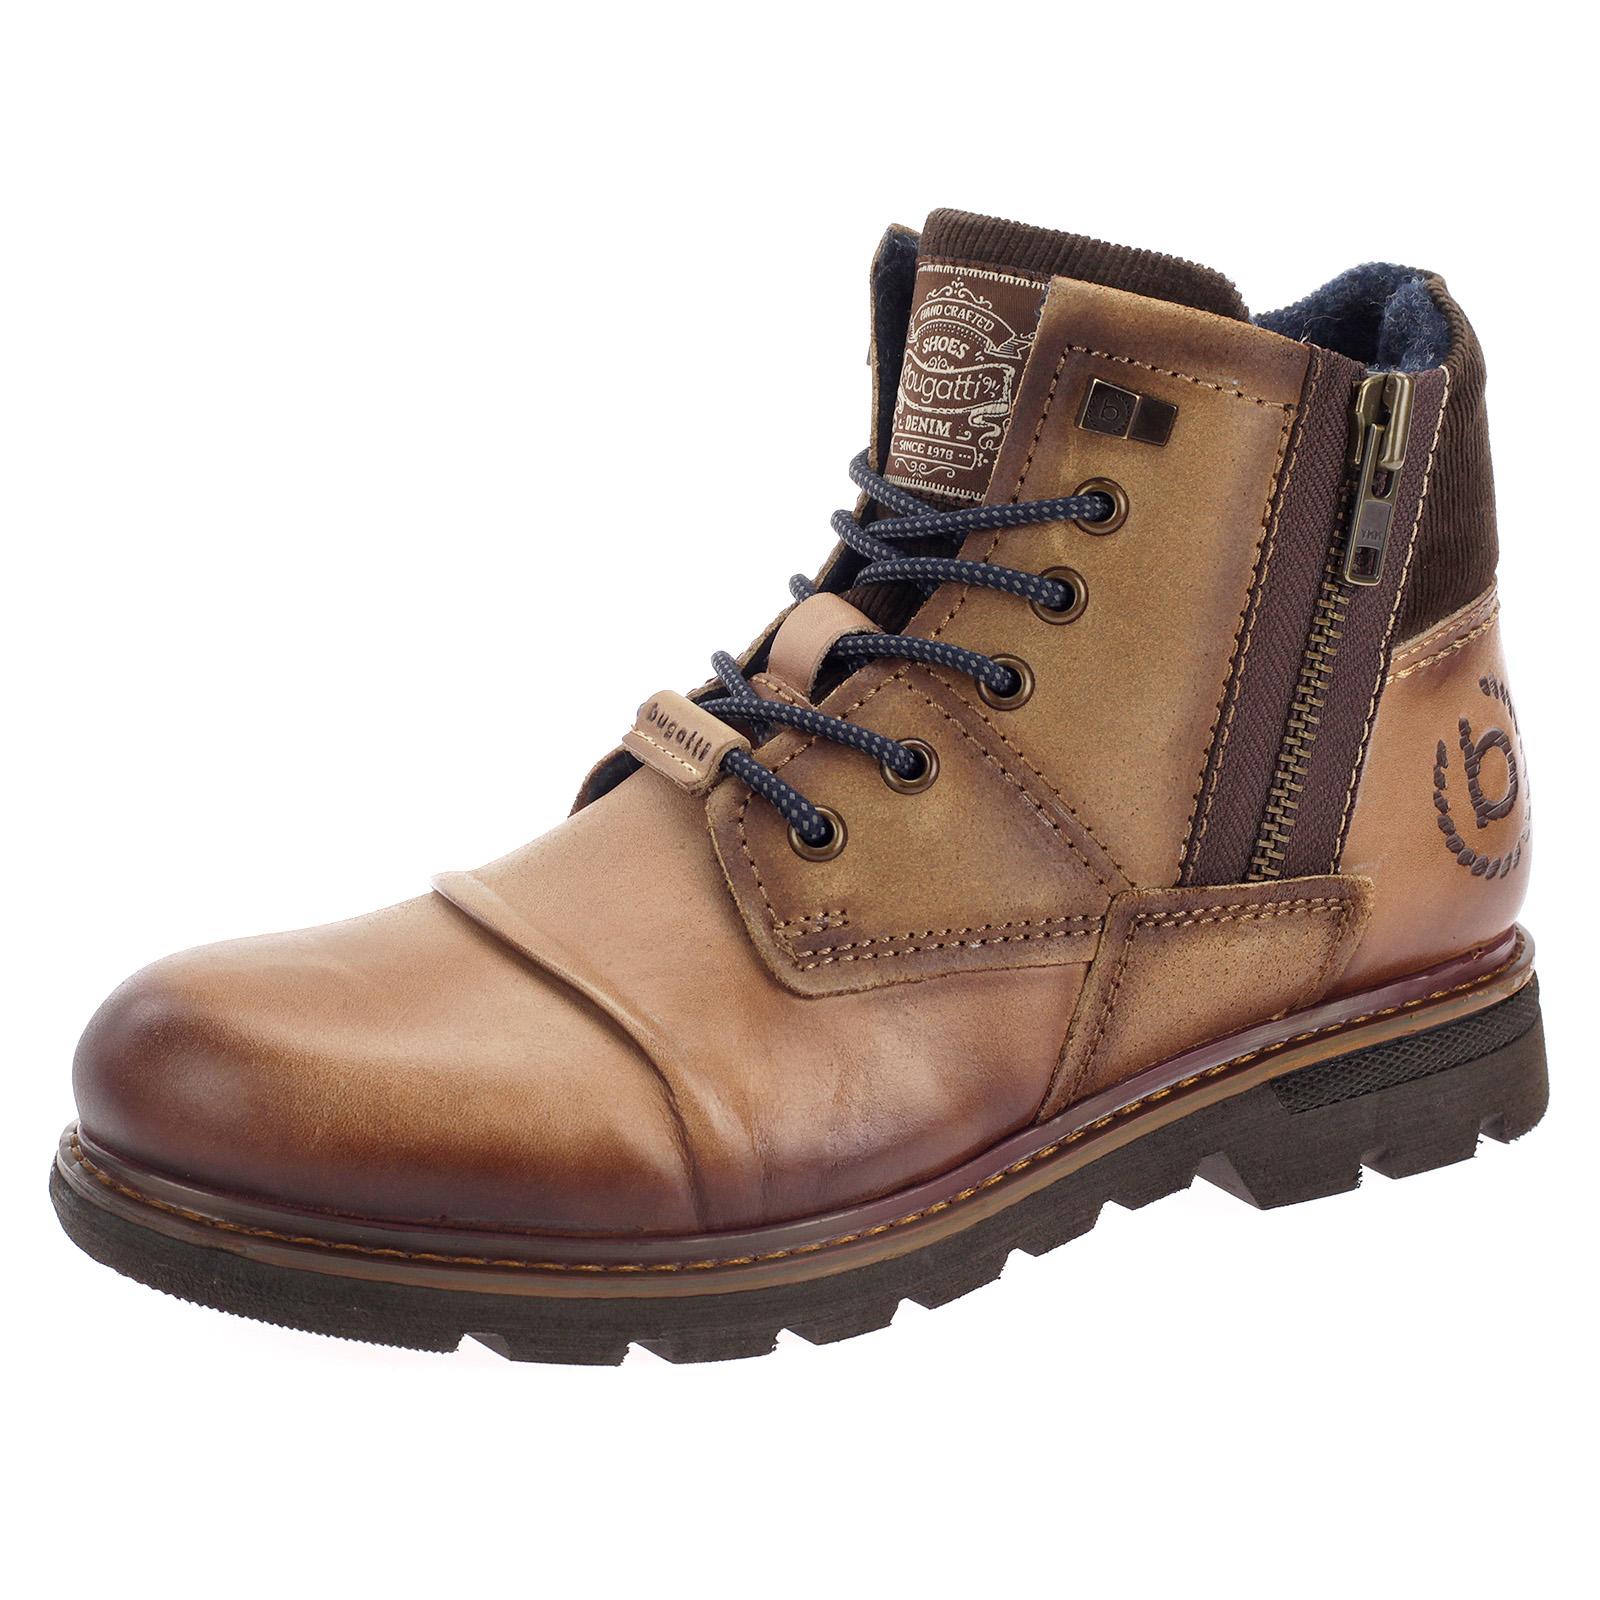 Bugatti Herren Schuhe Boots Stiefel Stiefeletten Leder braun